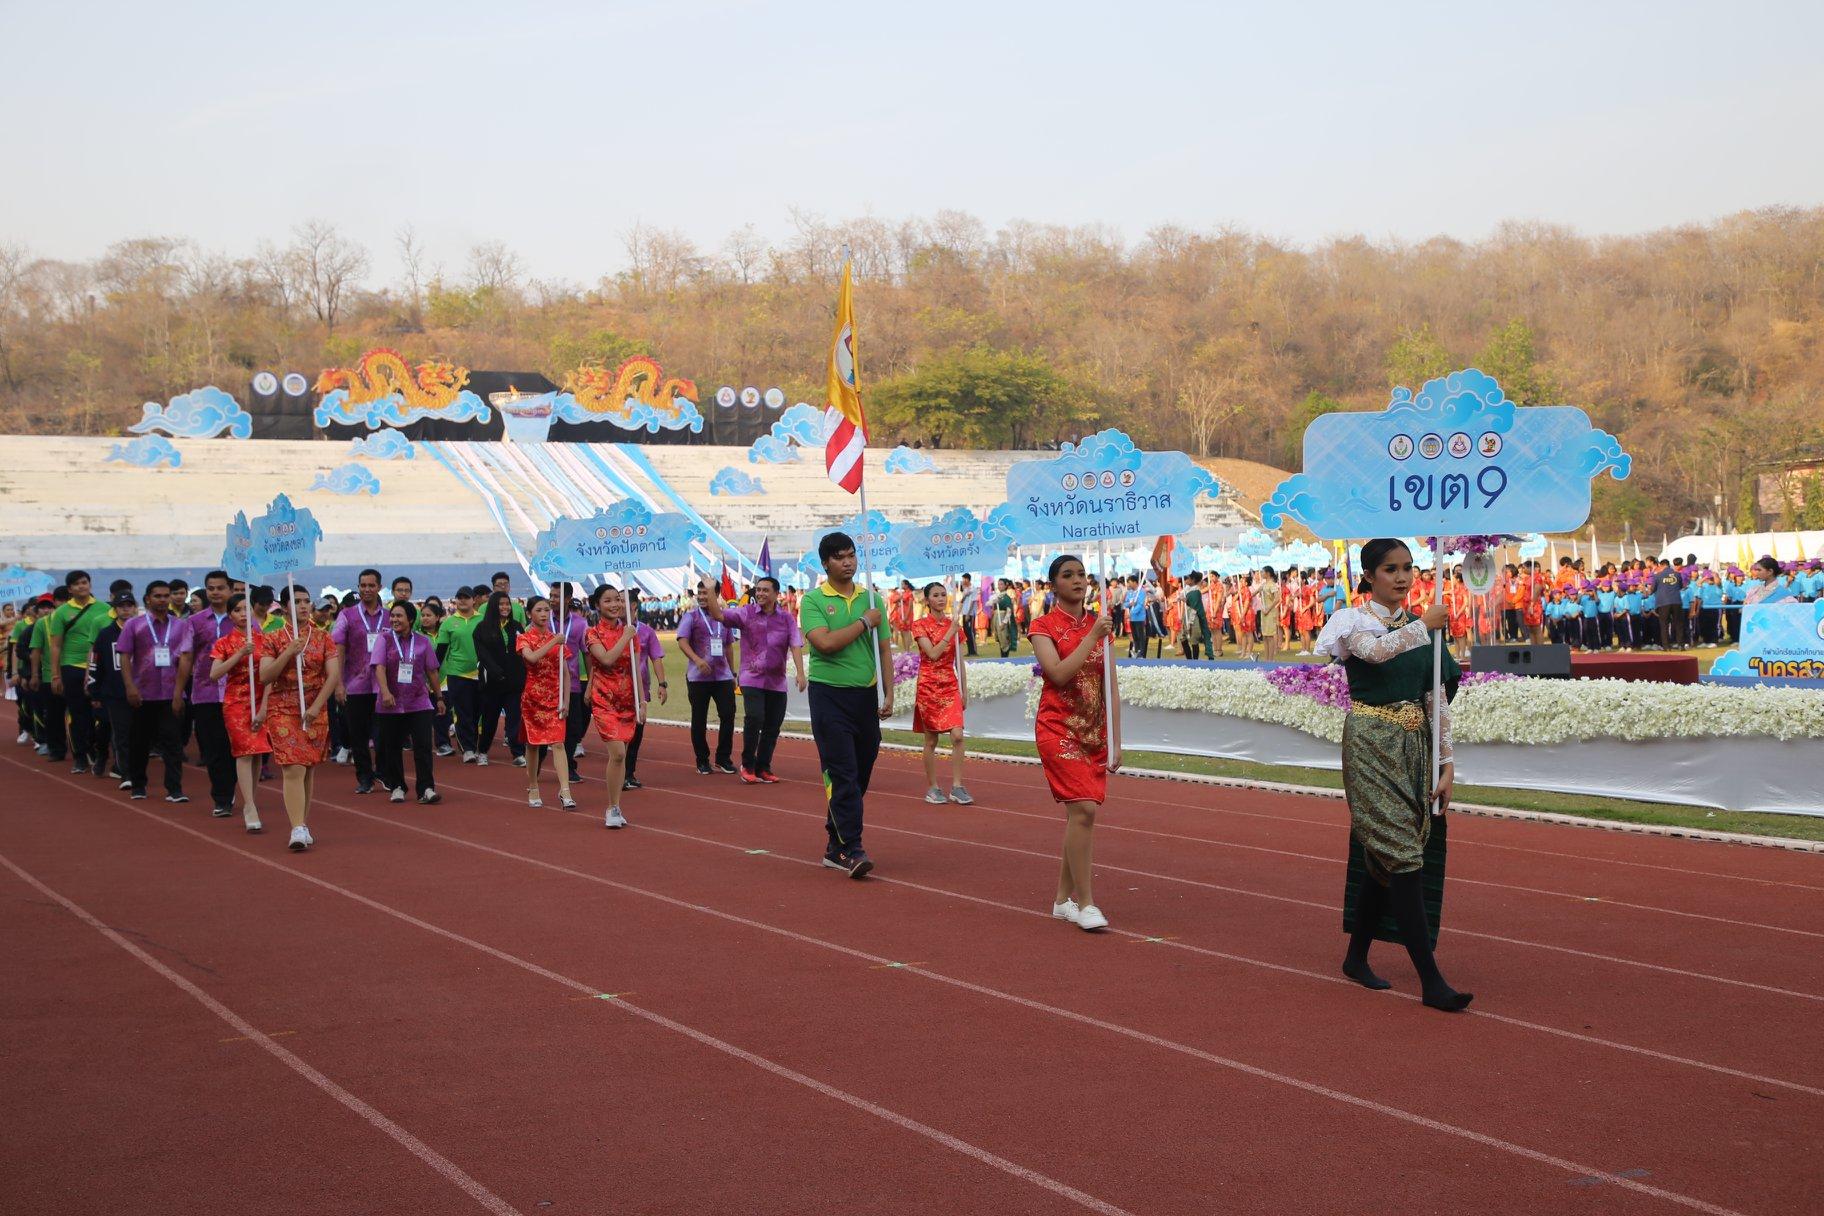 นครสวรรค์ เปิดการแข่งขันกรีฑาสูงอายุแห่งประเทศไทยครั้งที่24  thaihealth